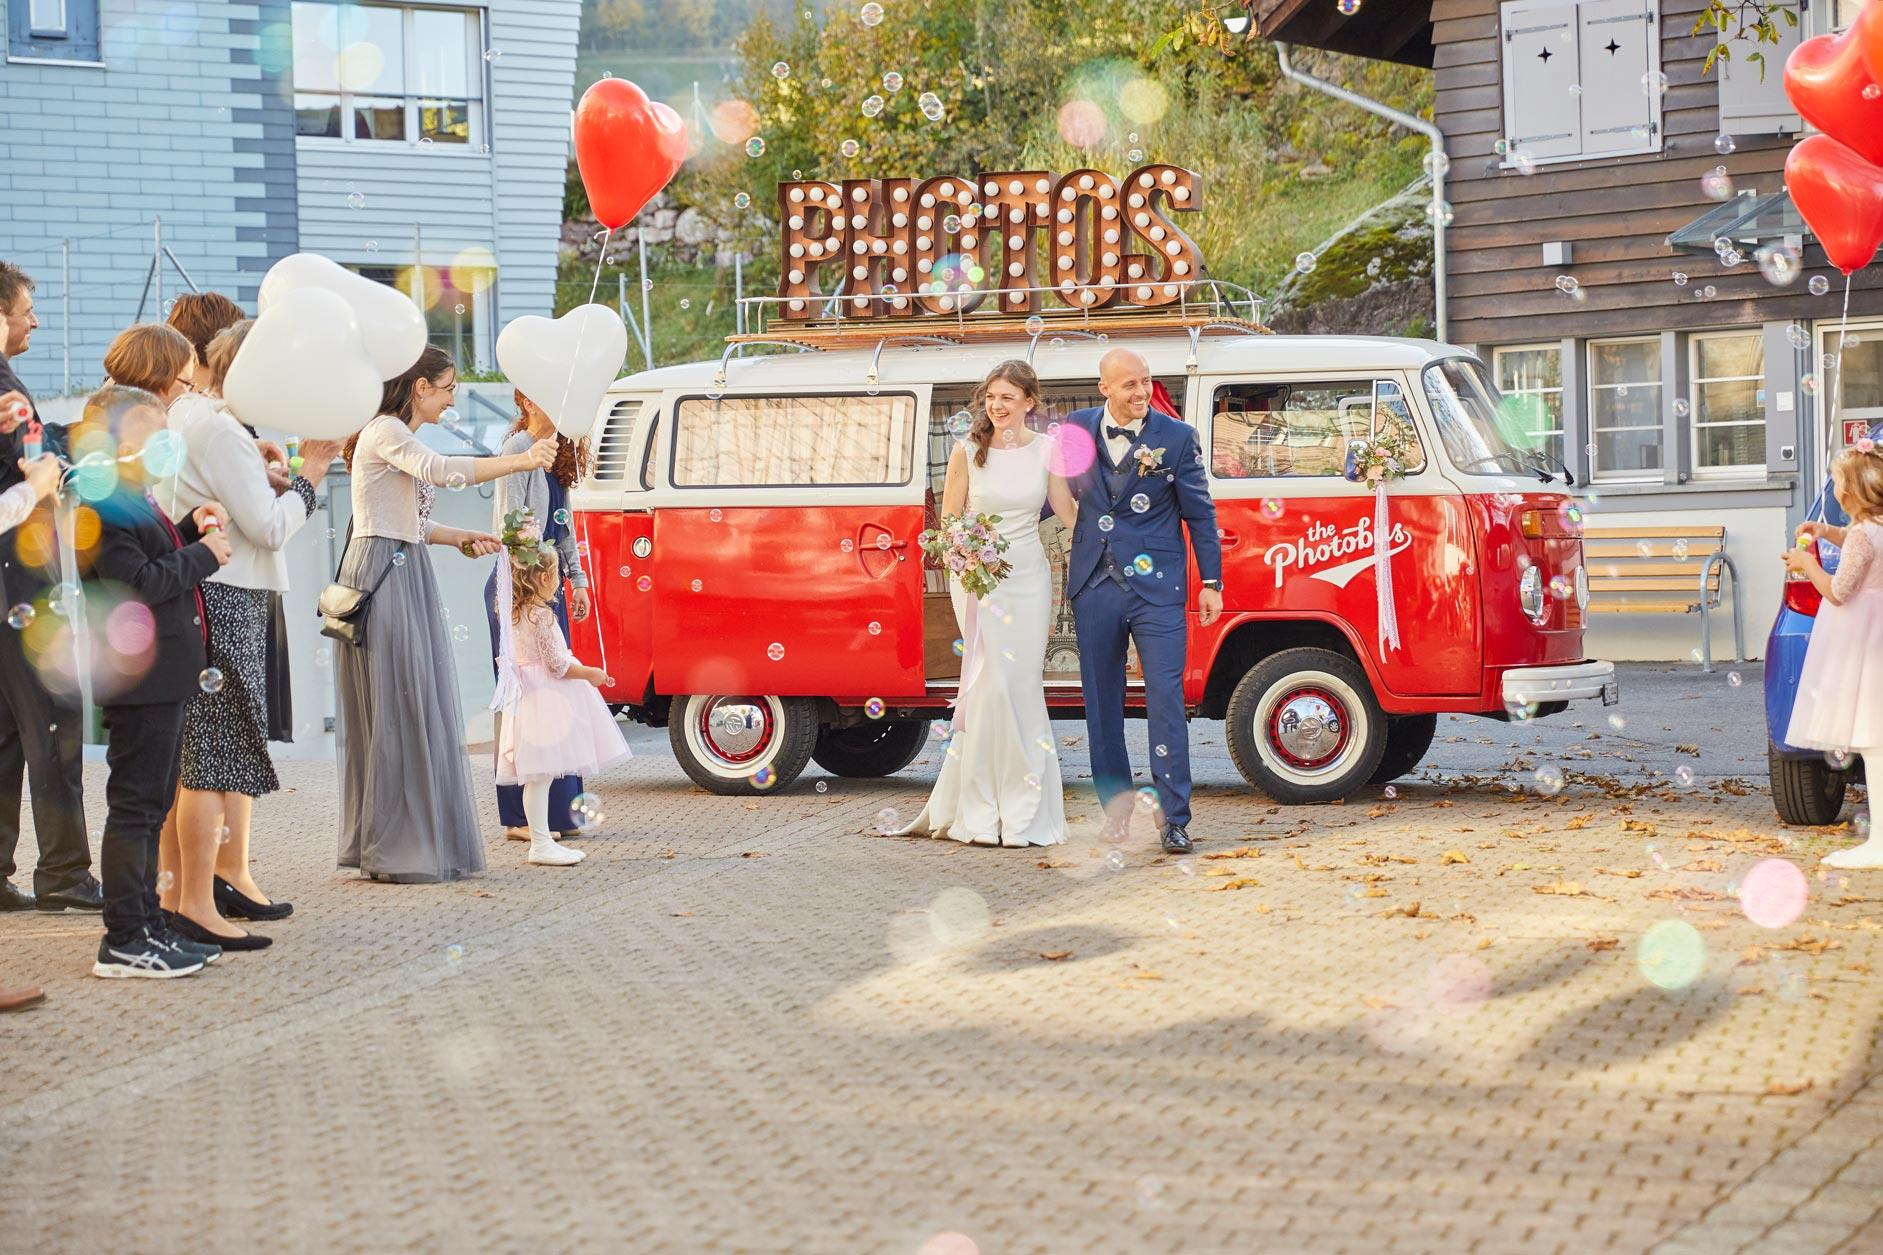 Brautpaar am Hochzeitstag